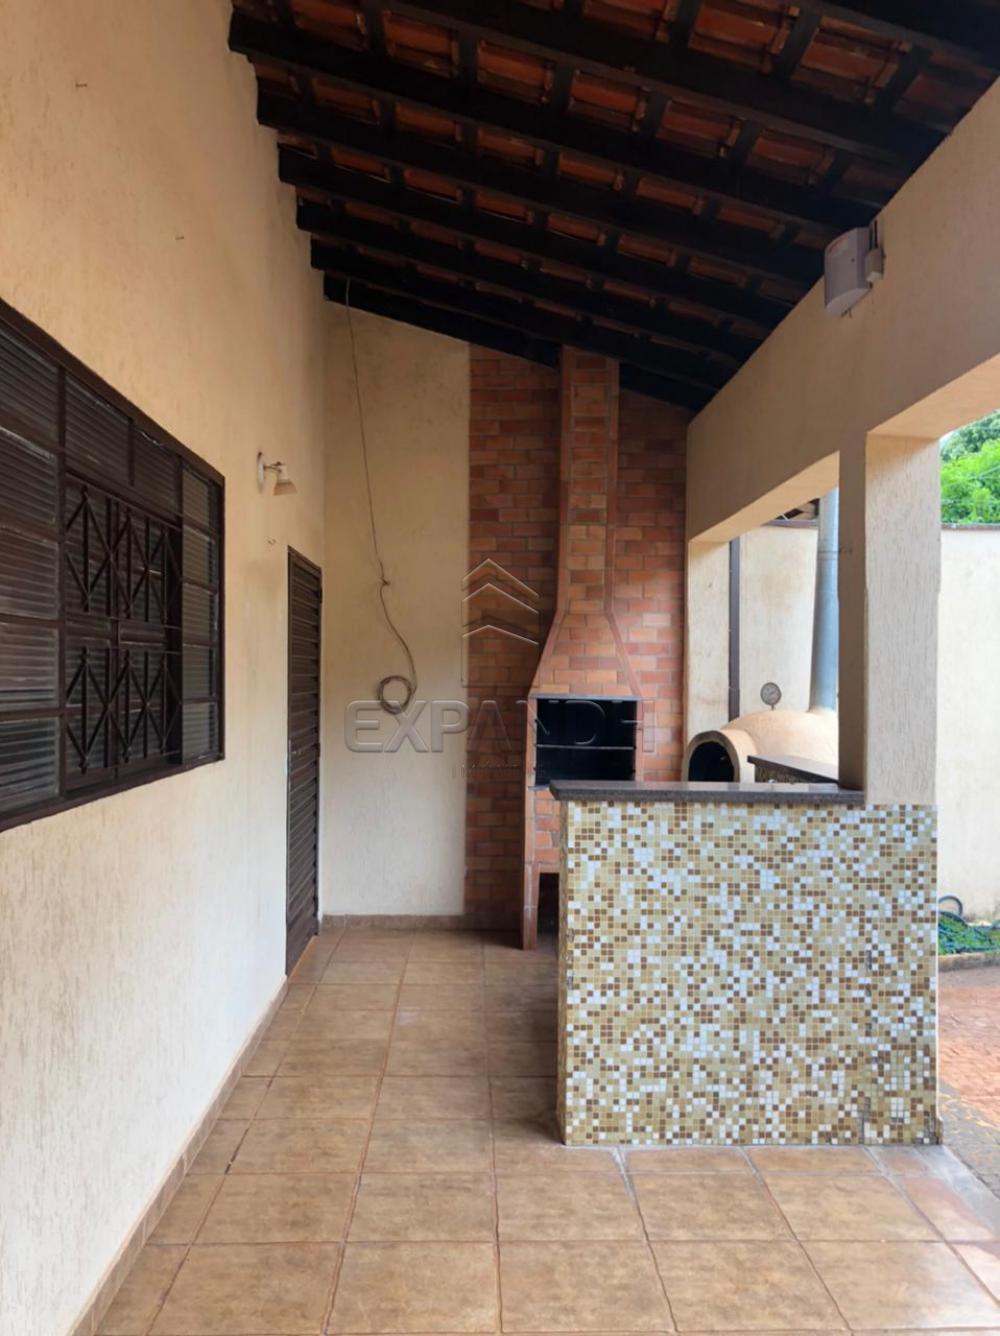 Alugar Casas / Padrão em Sertãozinho apenas R$ 1.500,00 - Foto 3